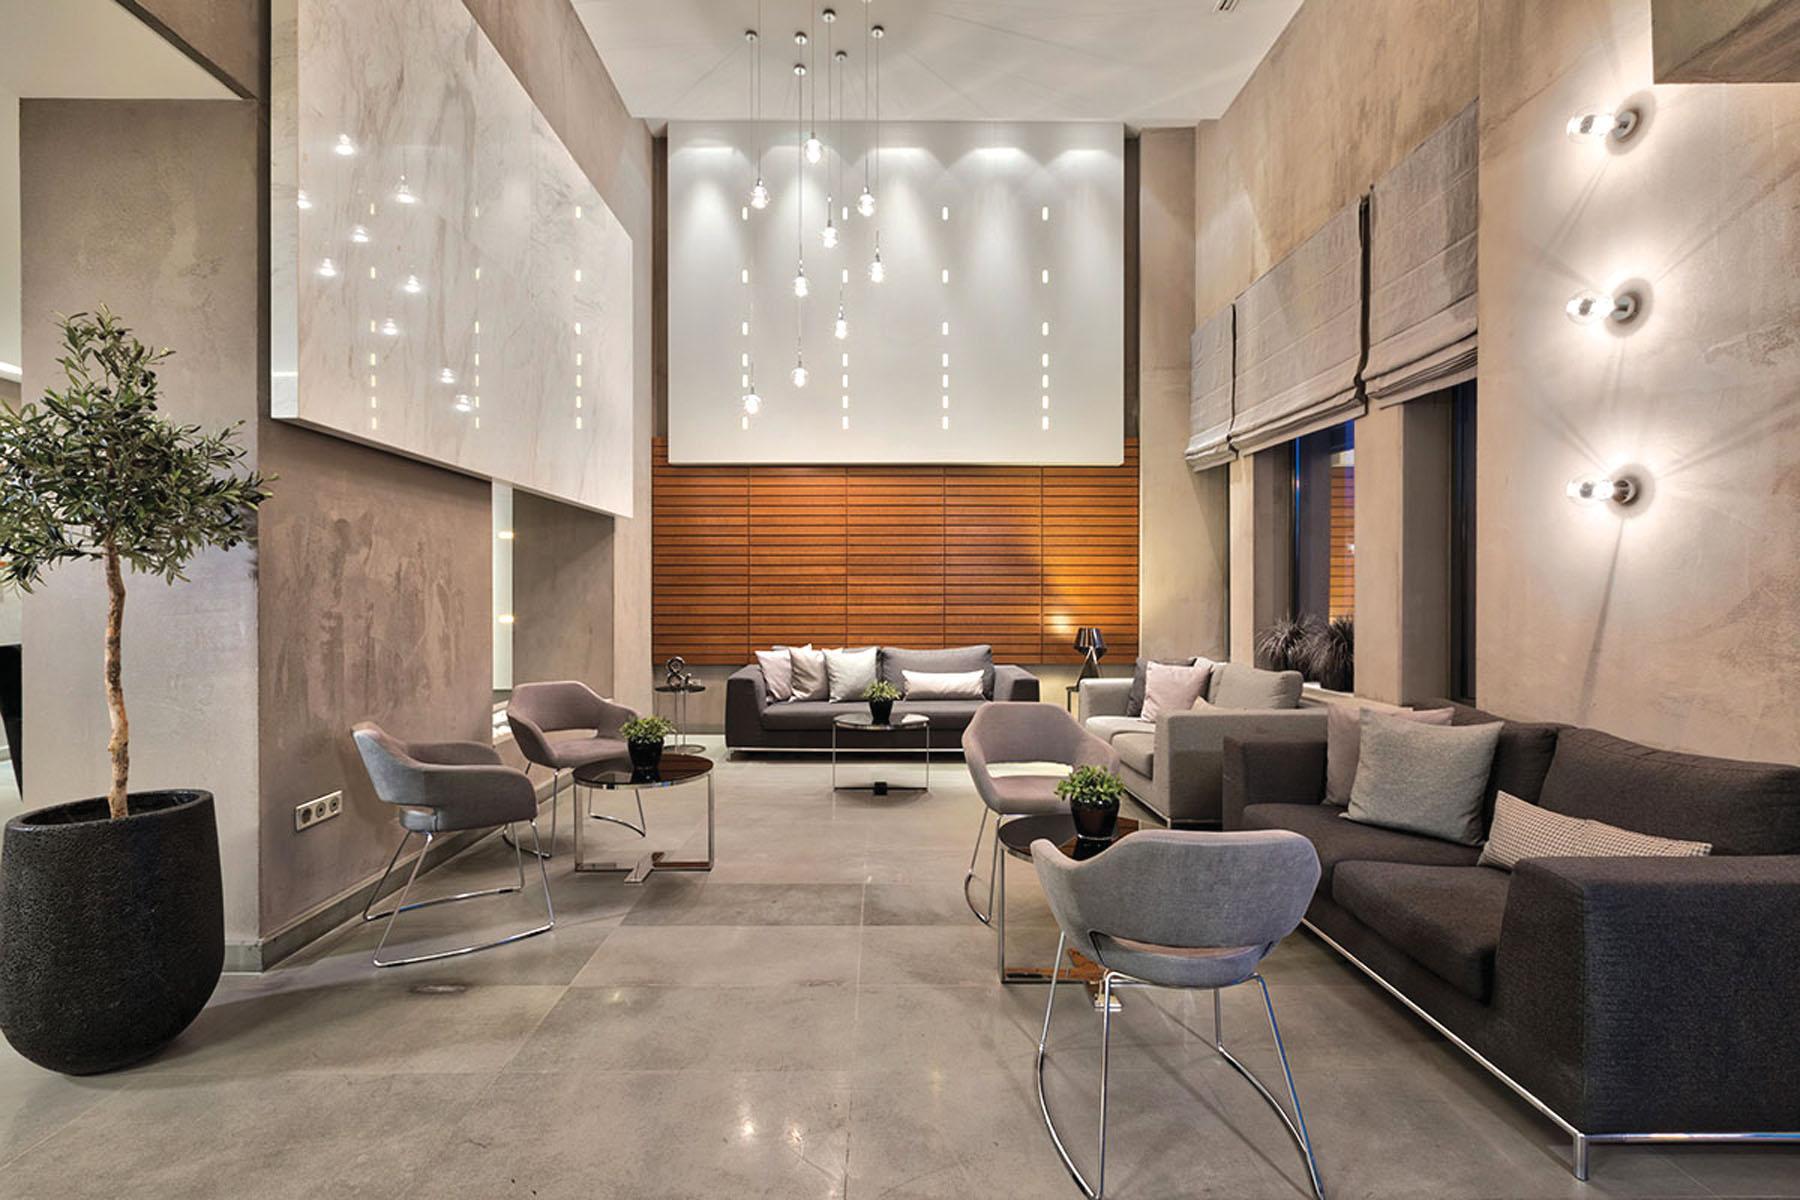 aegli hotel lounge